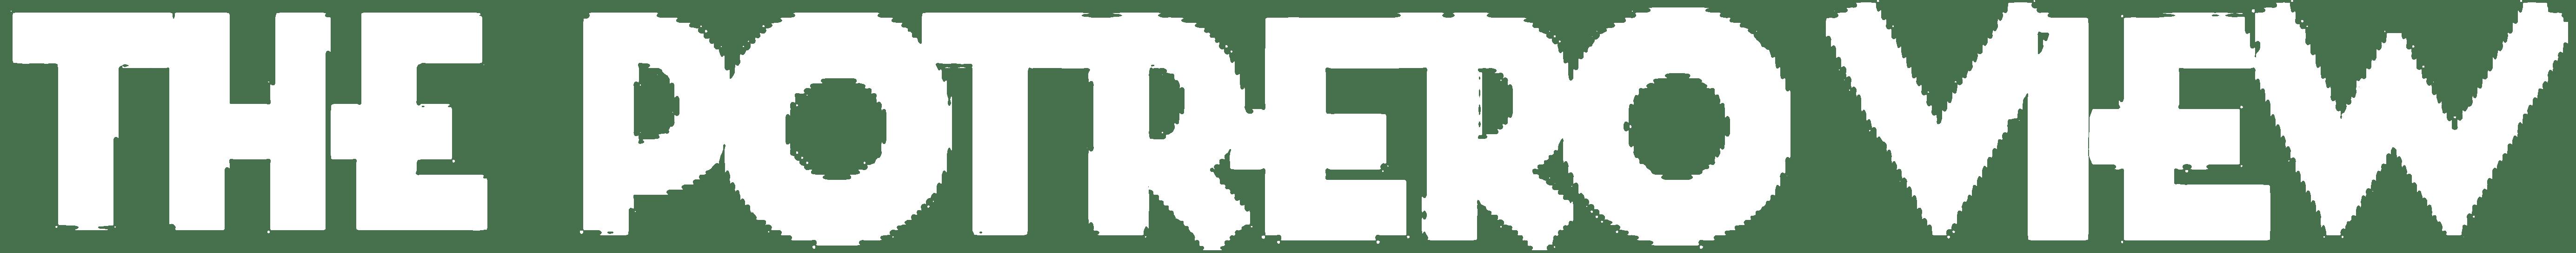 Potrero View logo